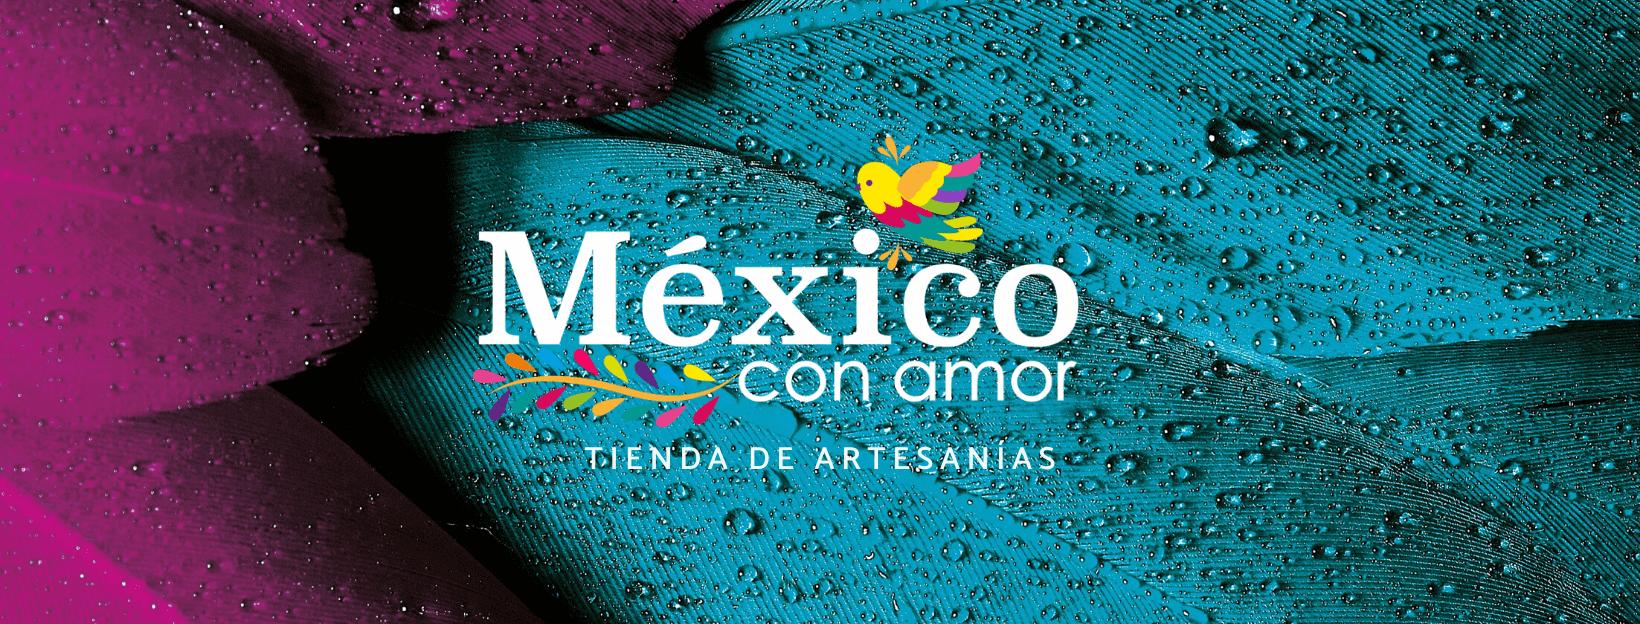 mexico portada 2